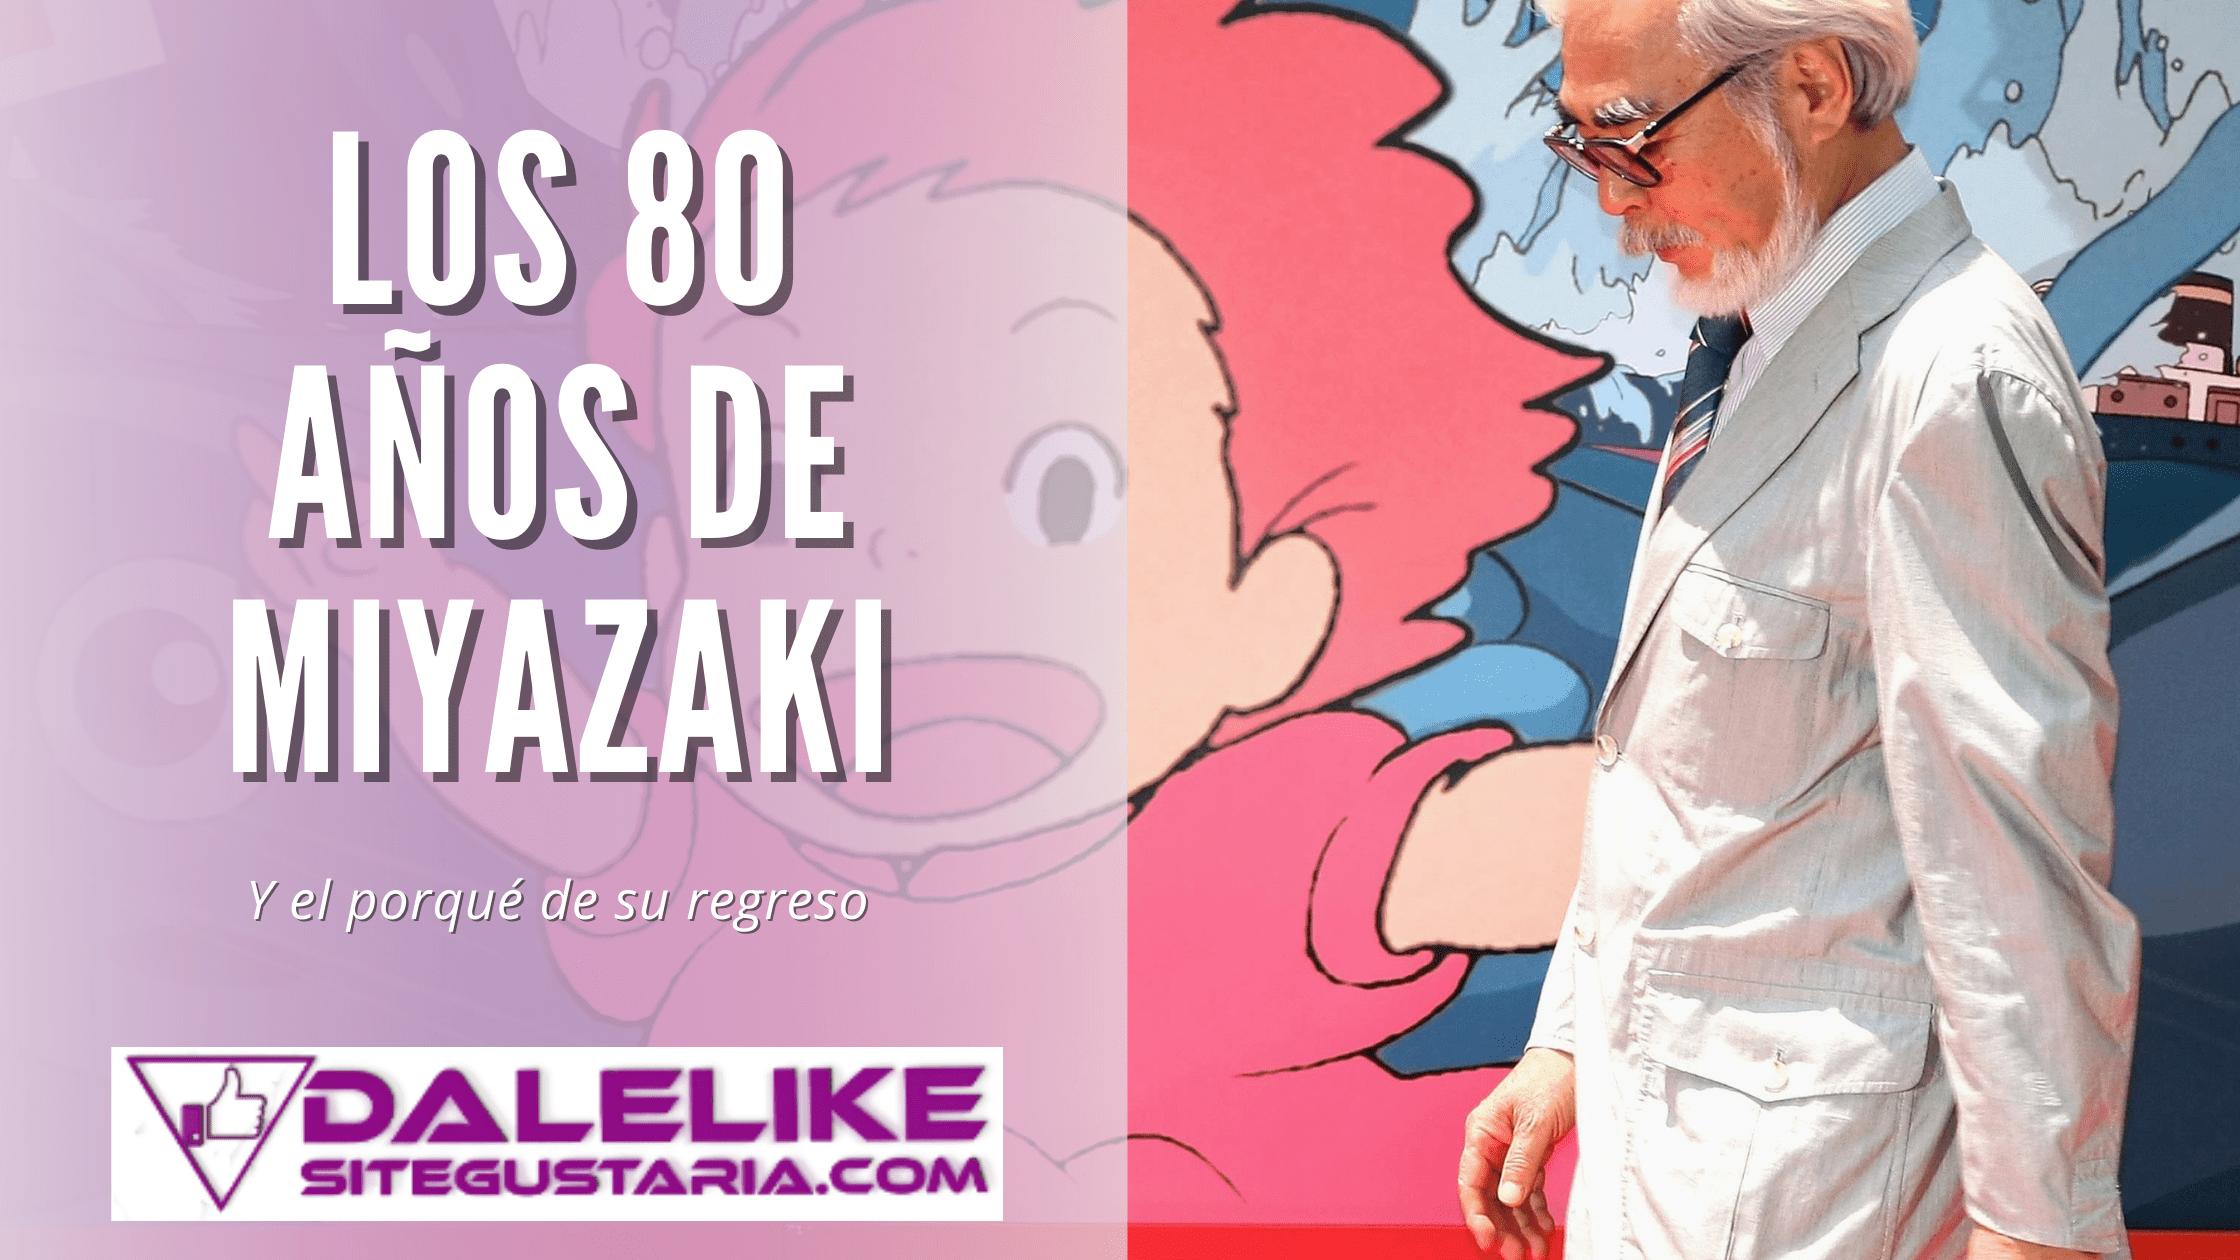 Los 80 años de Hayao Miyazaki y el porqué de su regreso